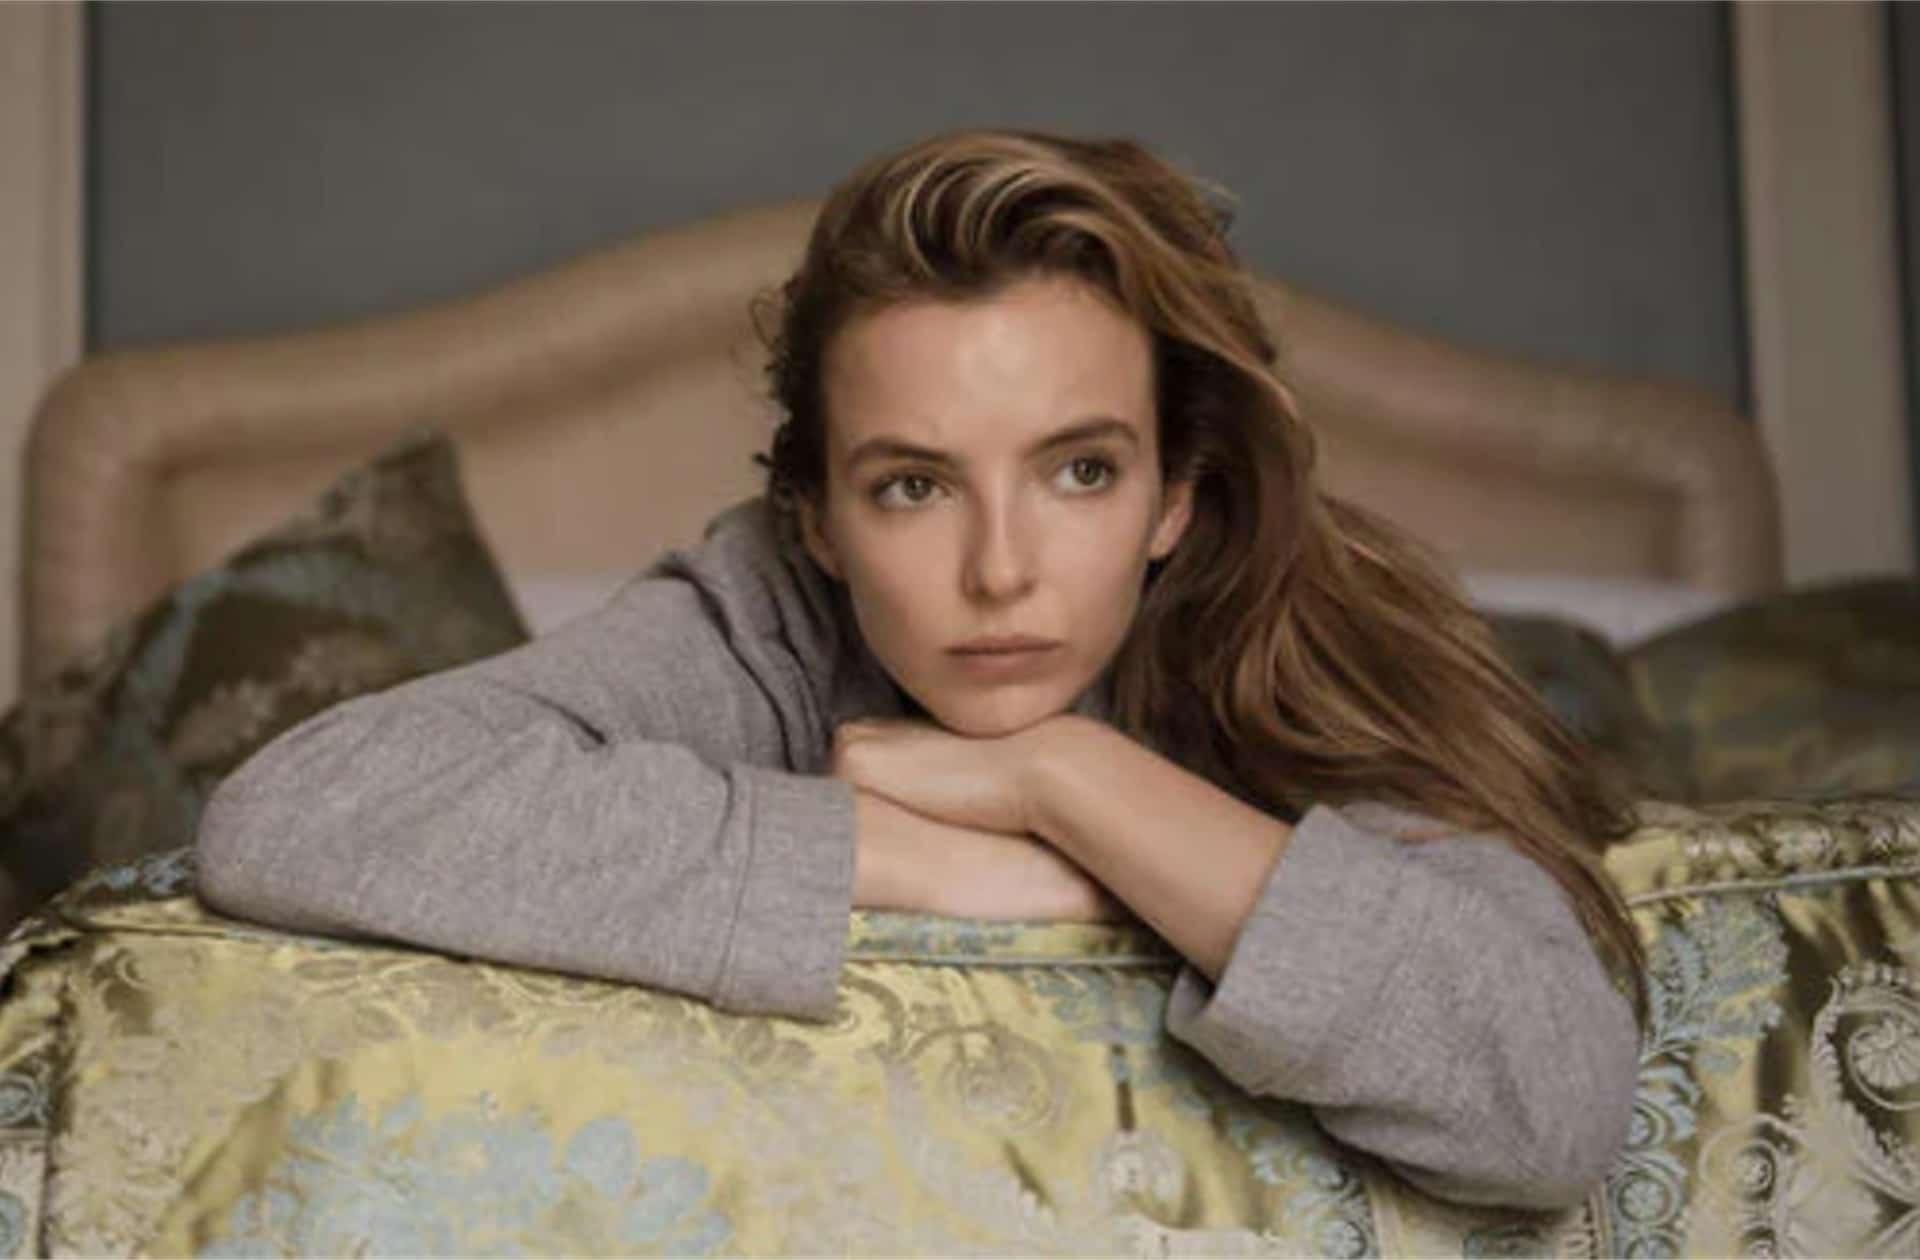 Les calculs sont foireux (et sexistes) : Jodie Comer est trop jeune pour jouer l'épouse de Napoléon - madmoiZelle.com